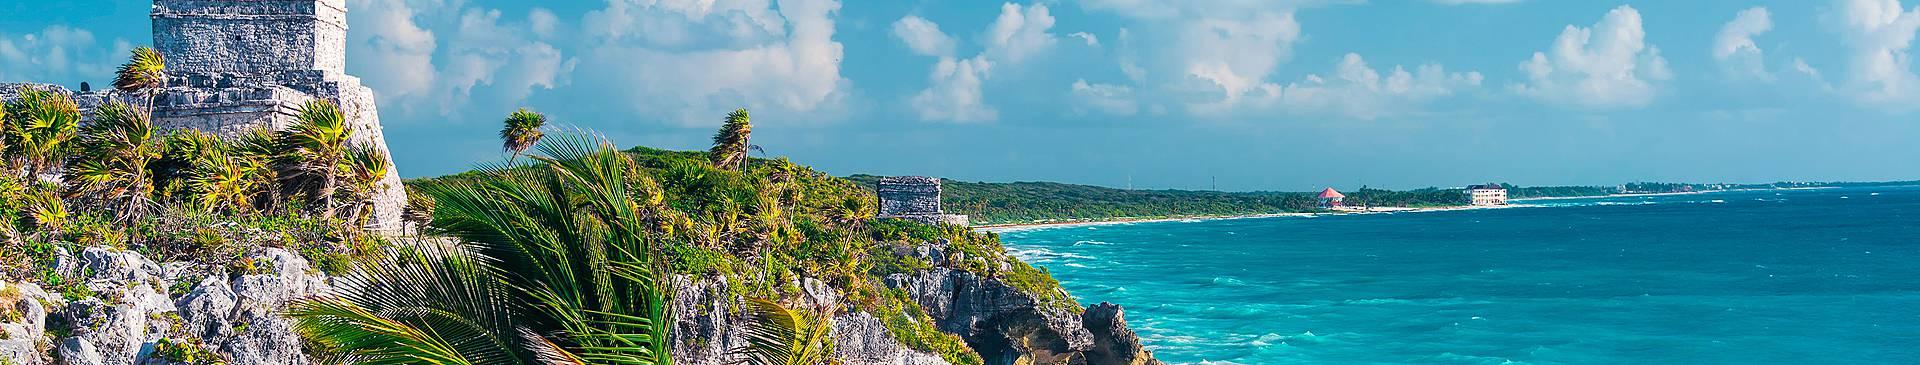 Viaggi al mare in Messico